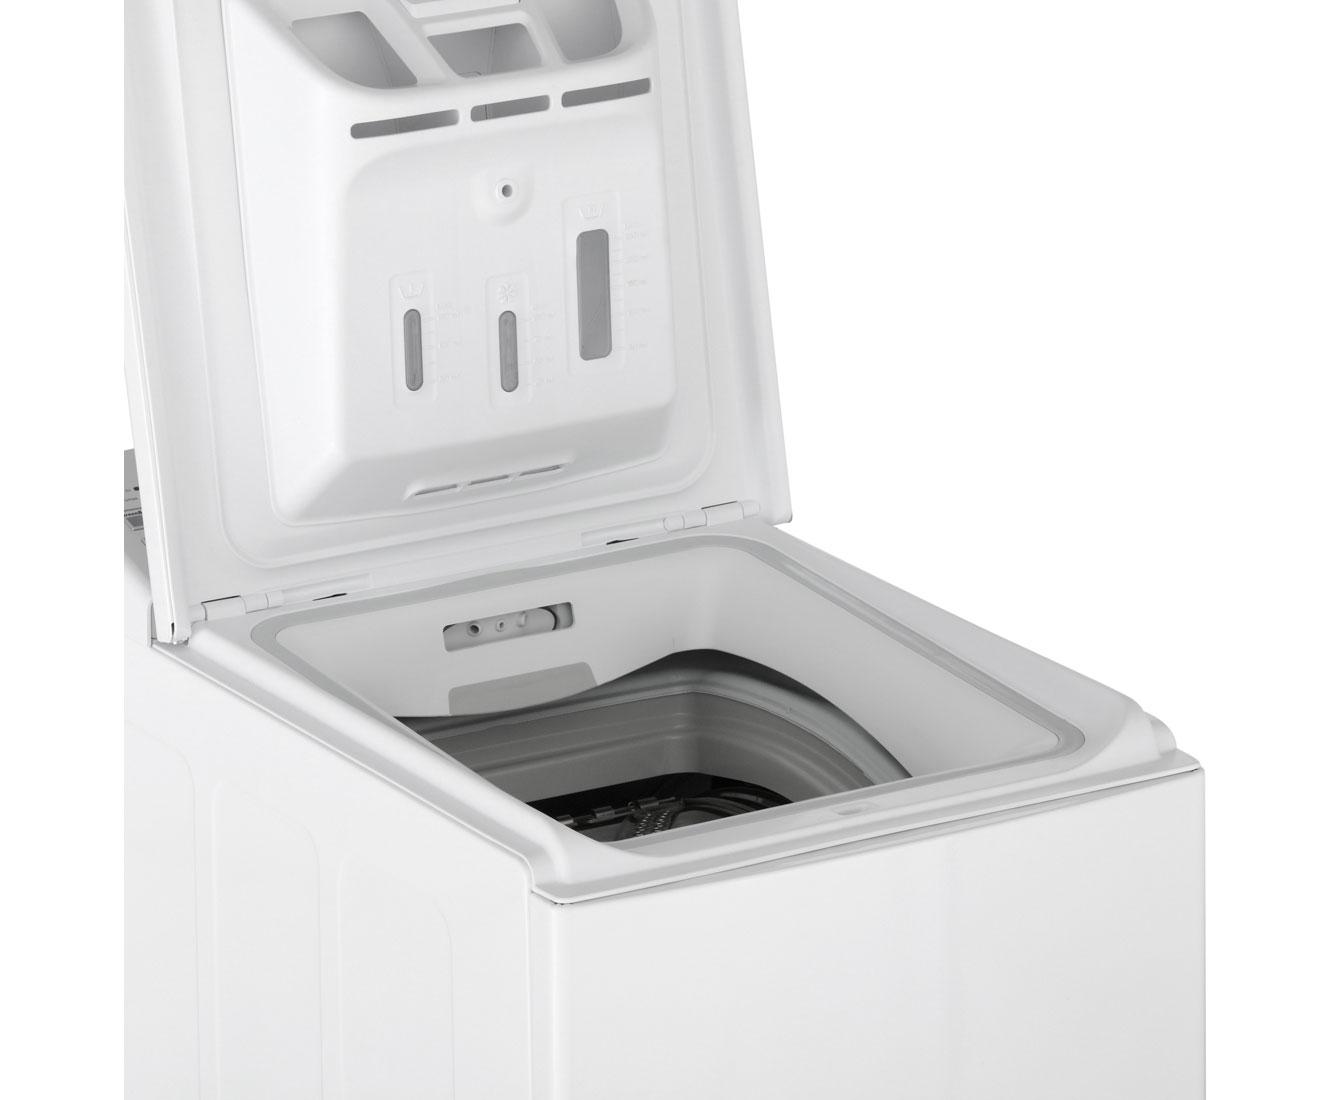 bauknecht wmt style 722 zen waschmaschine freistehend weiss neu ebay. Black Bedroom Furniture Sets. Home Design Ideas